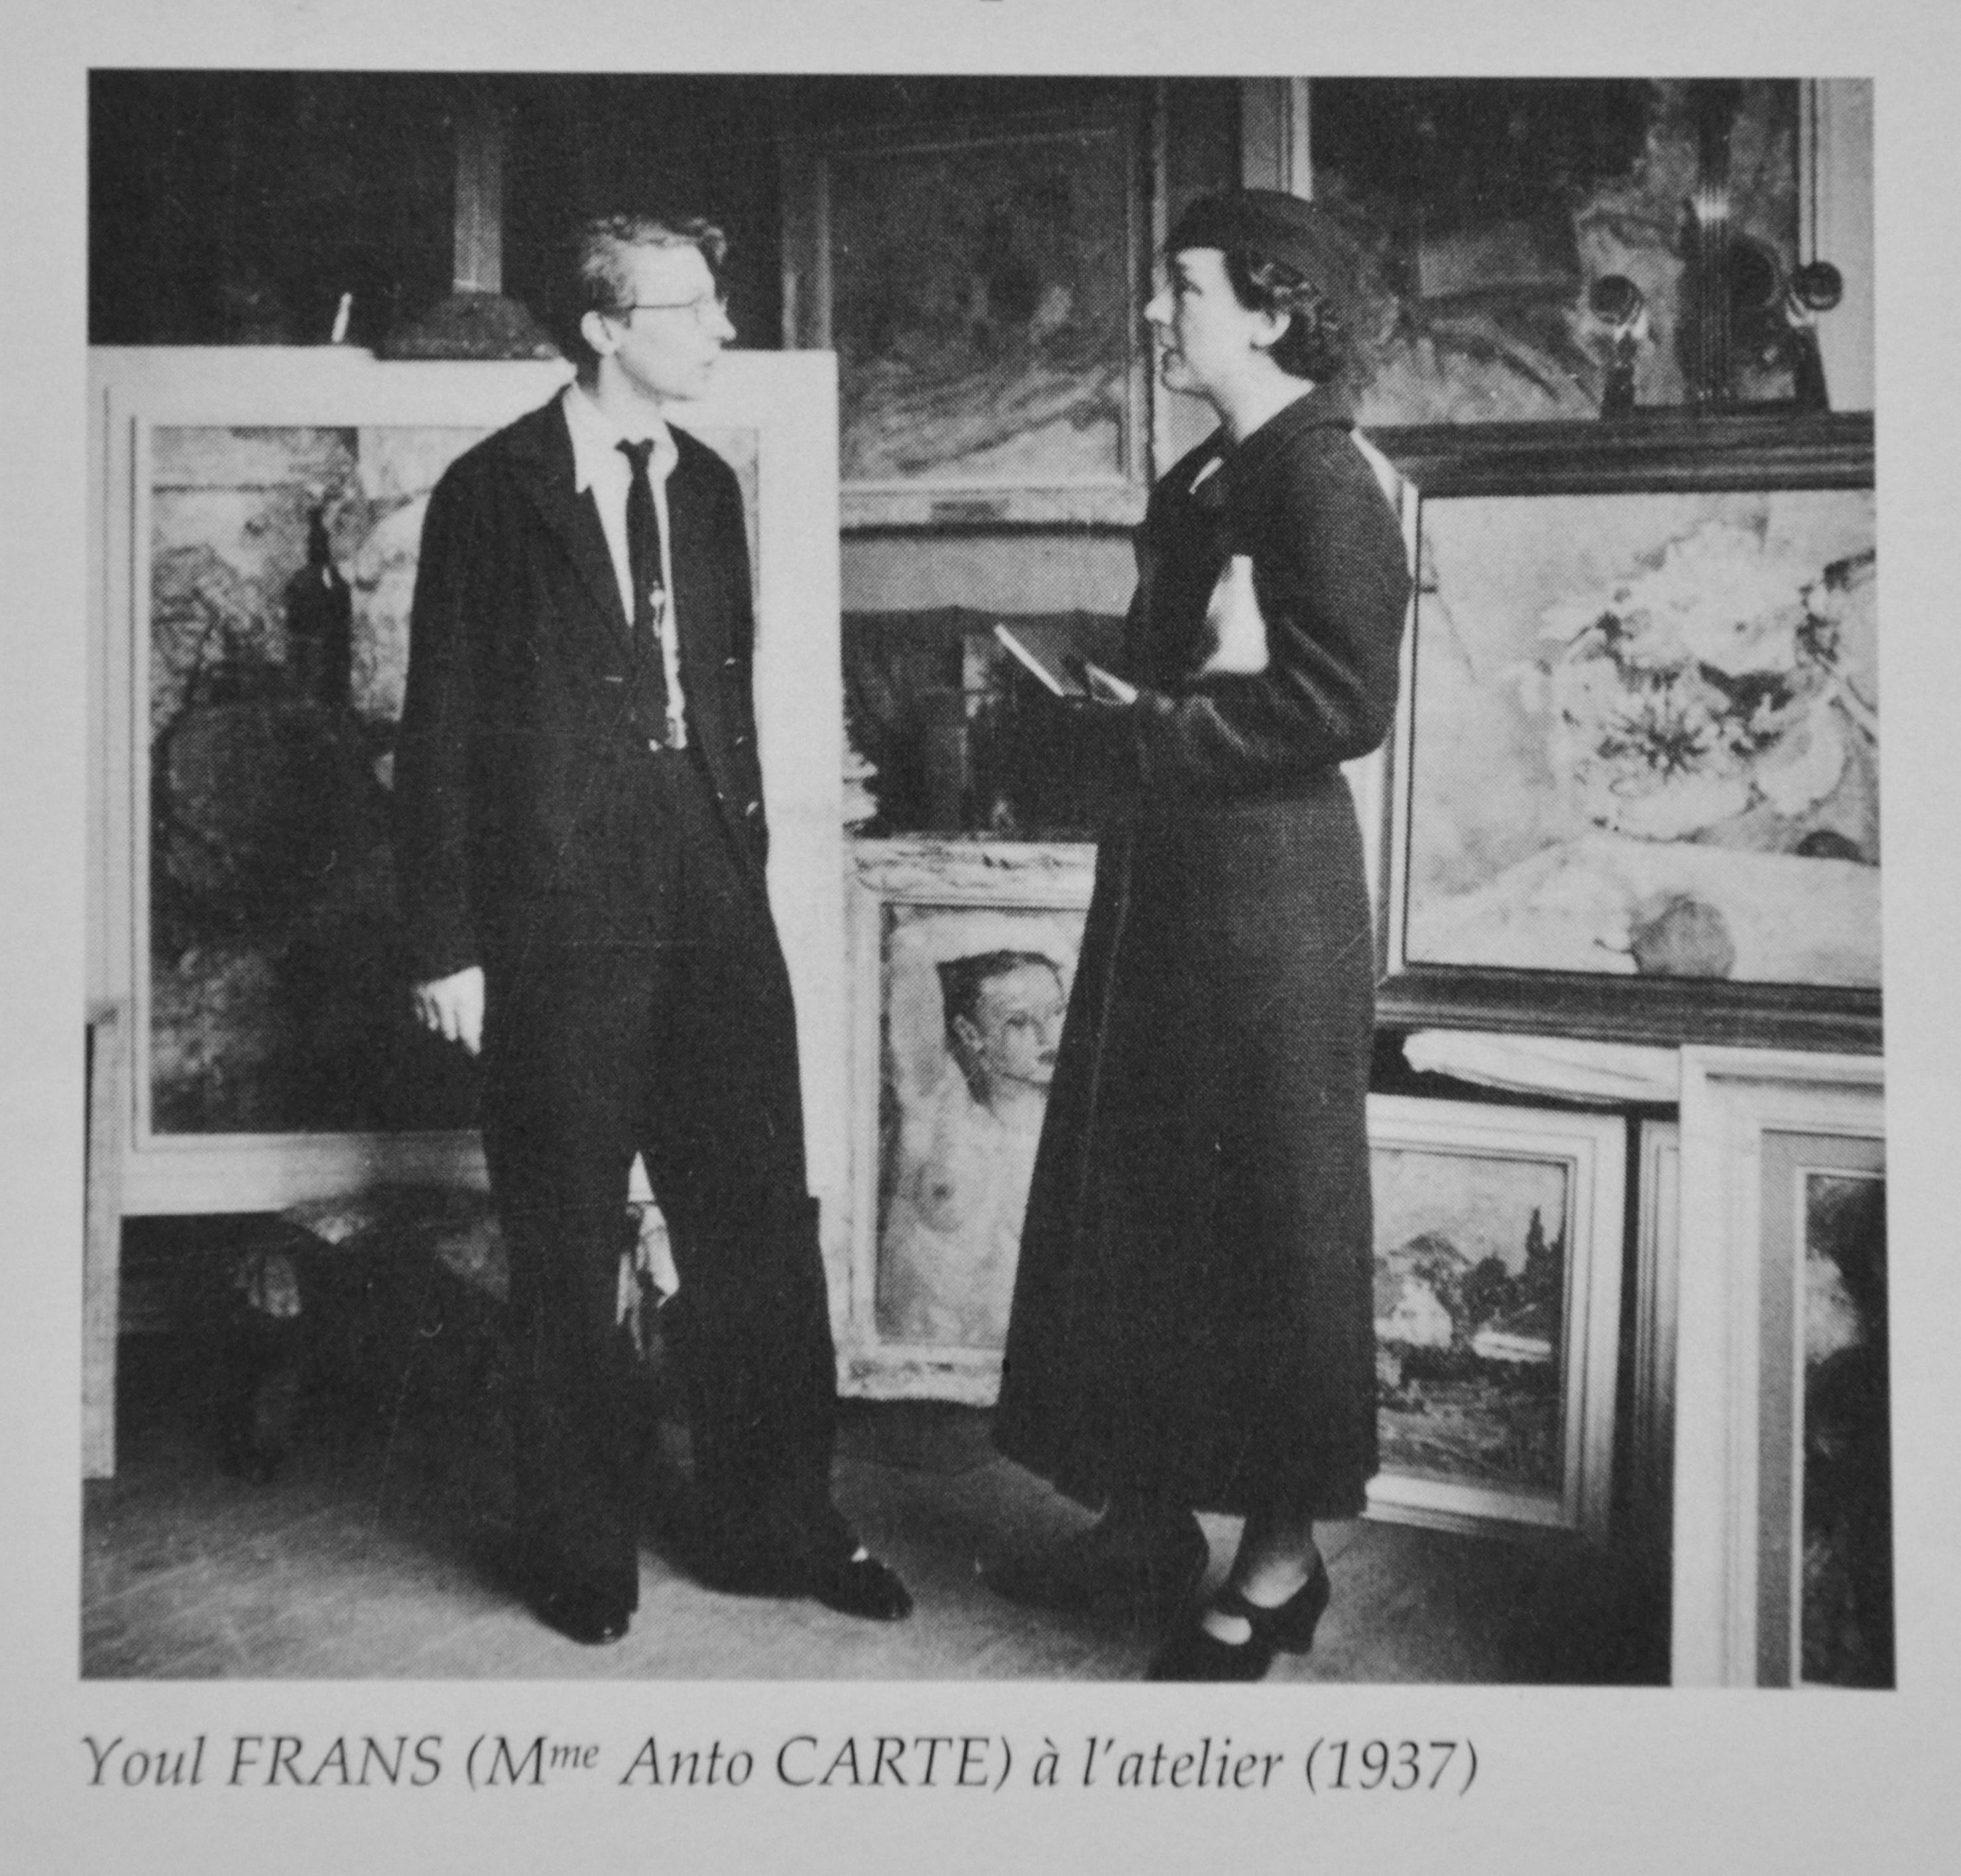 fichier:eliane de meuse et madame anto carte, 1937 — wikipédia